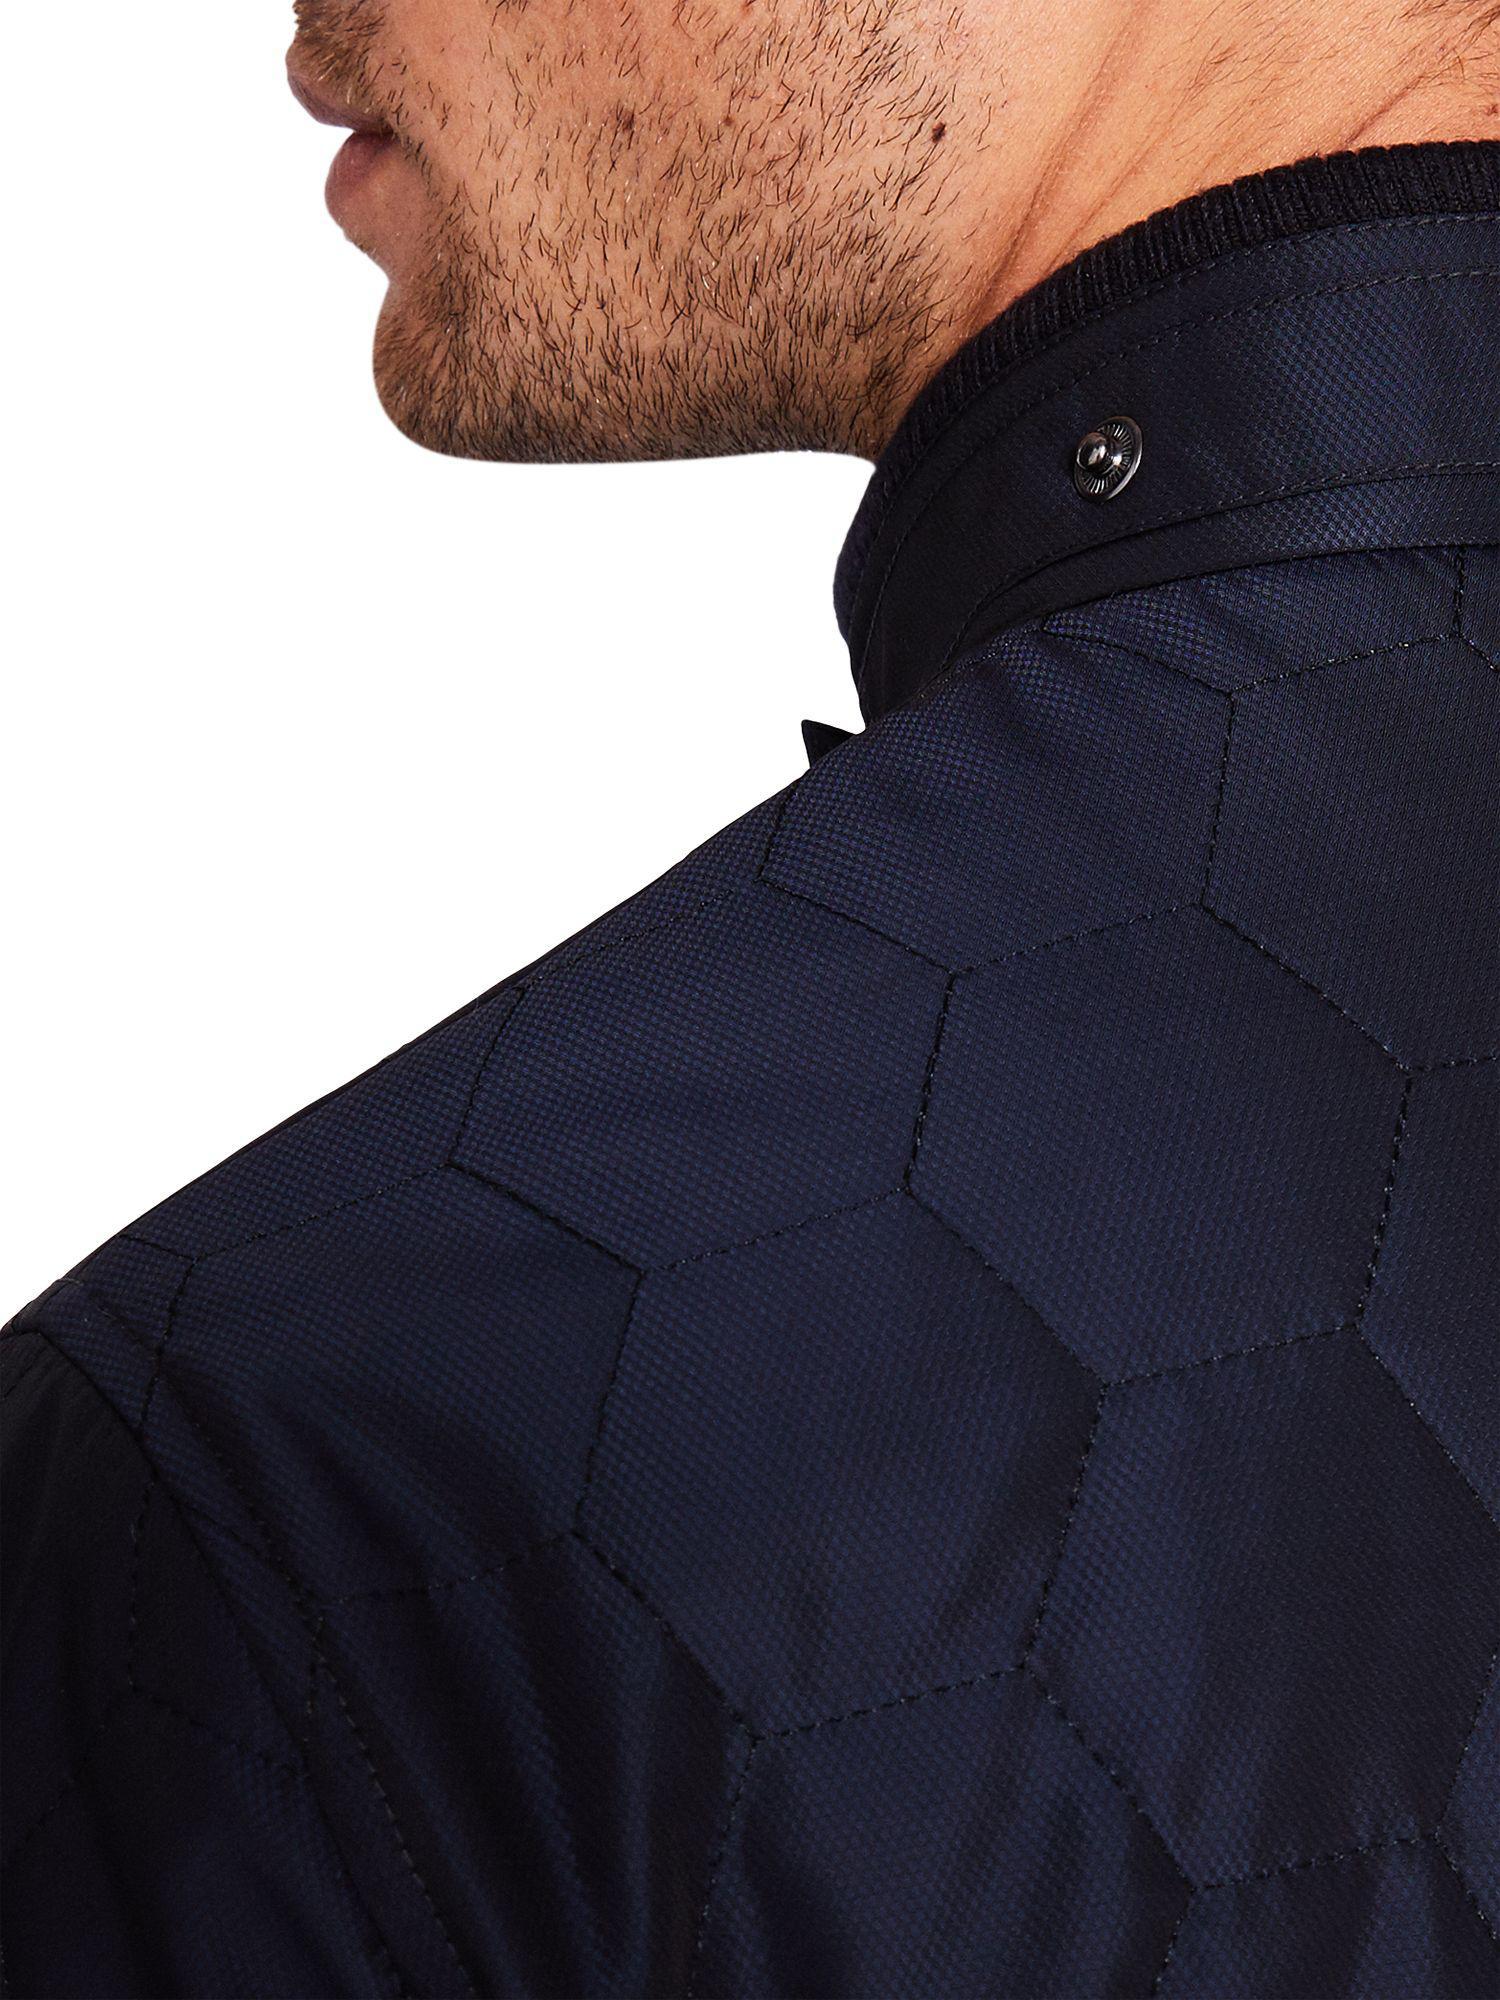 Ted Baker Denim Dalway Quilted Jacket in Navy (Blue) for Men